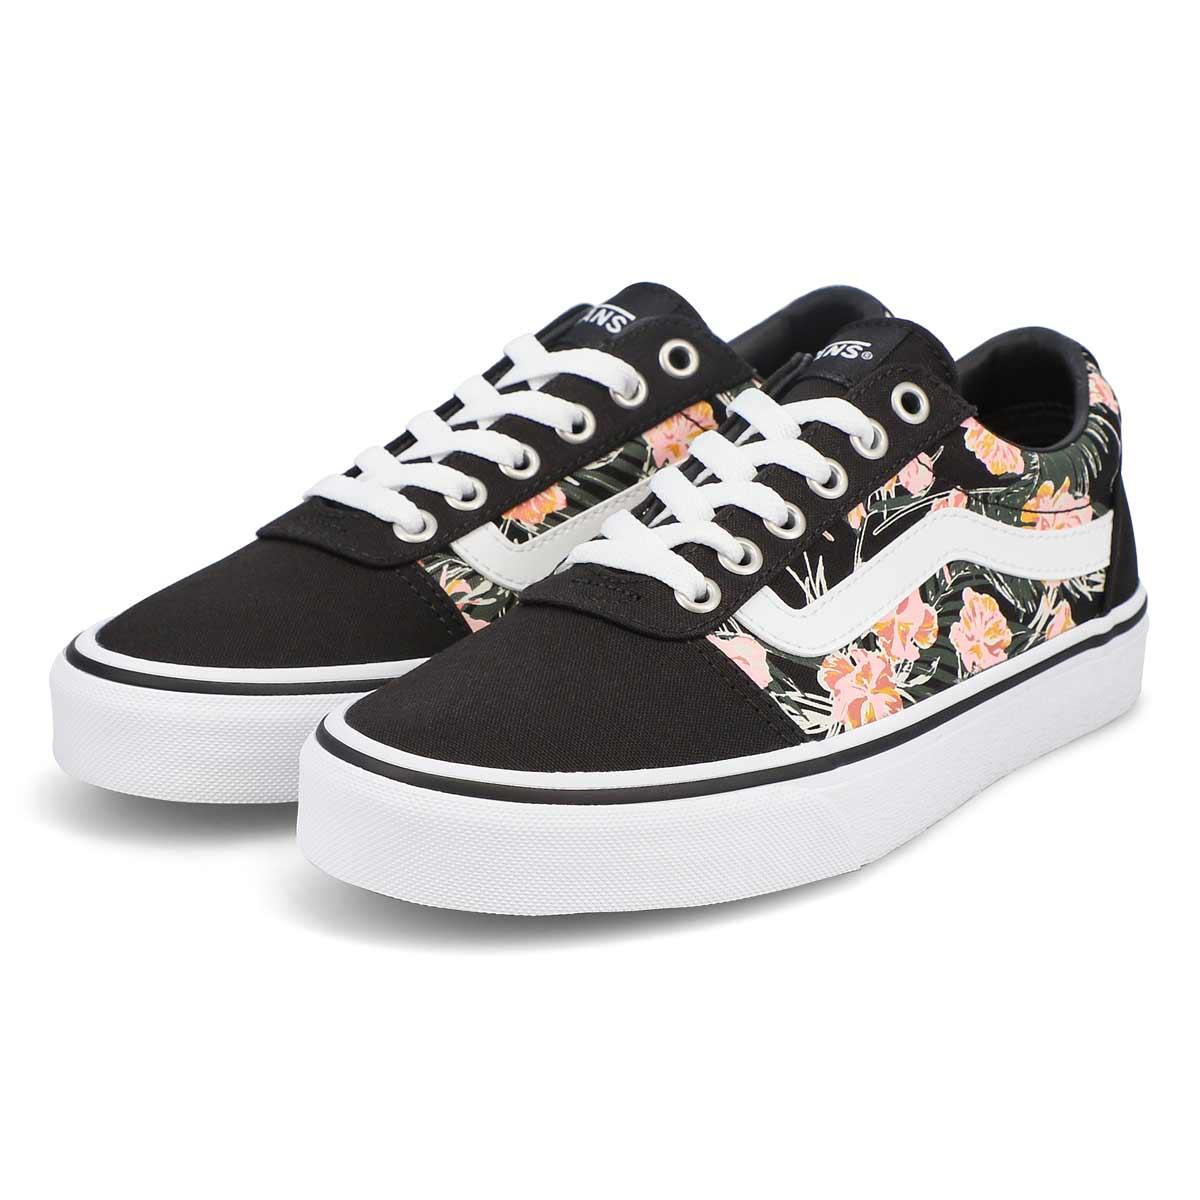 Women's Ward Palm Sneaker - Floral Black